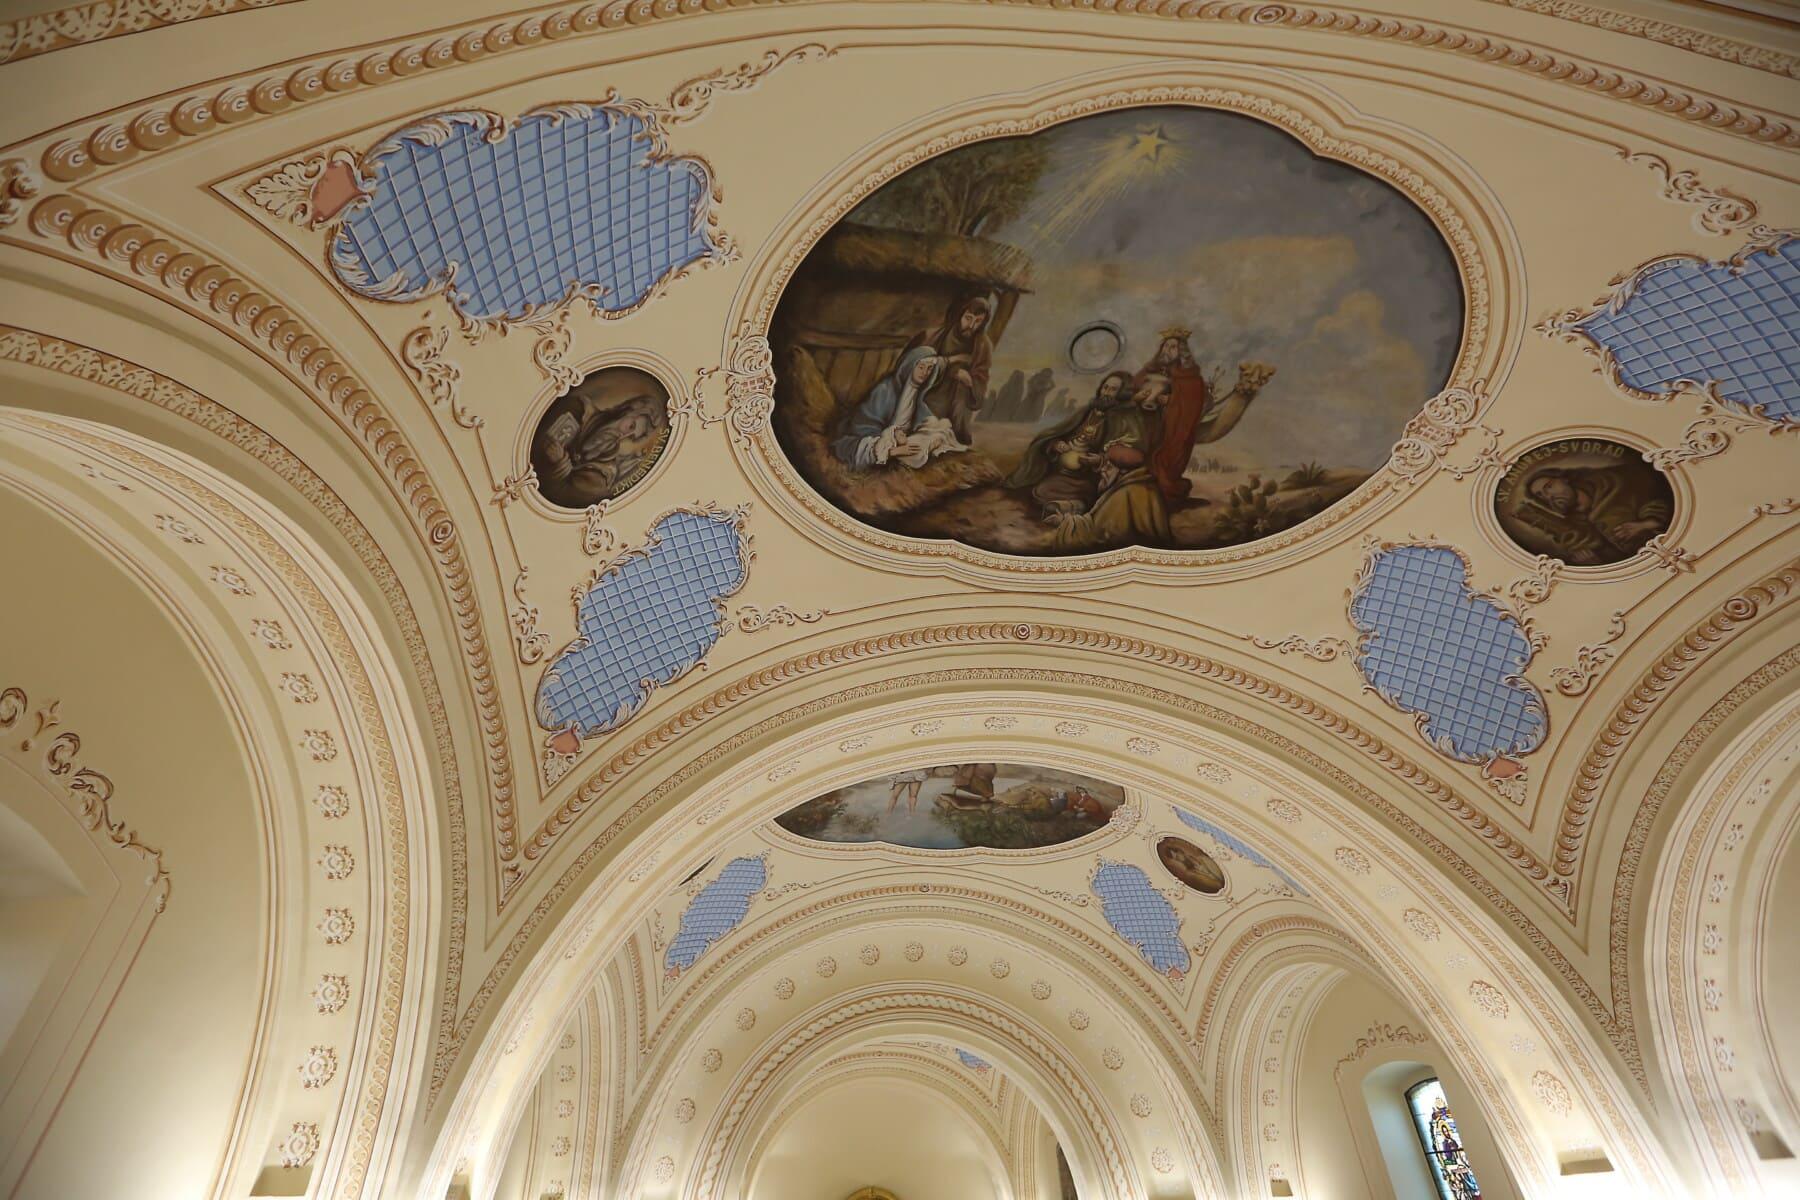 église, au plafond, Christianisme, conception, spiritualité, peinture, beaux arts, Saint, architecture